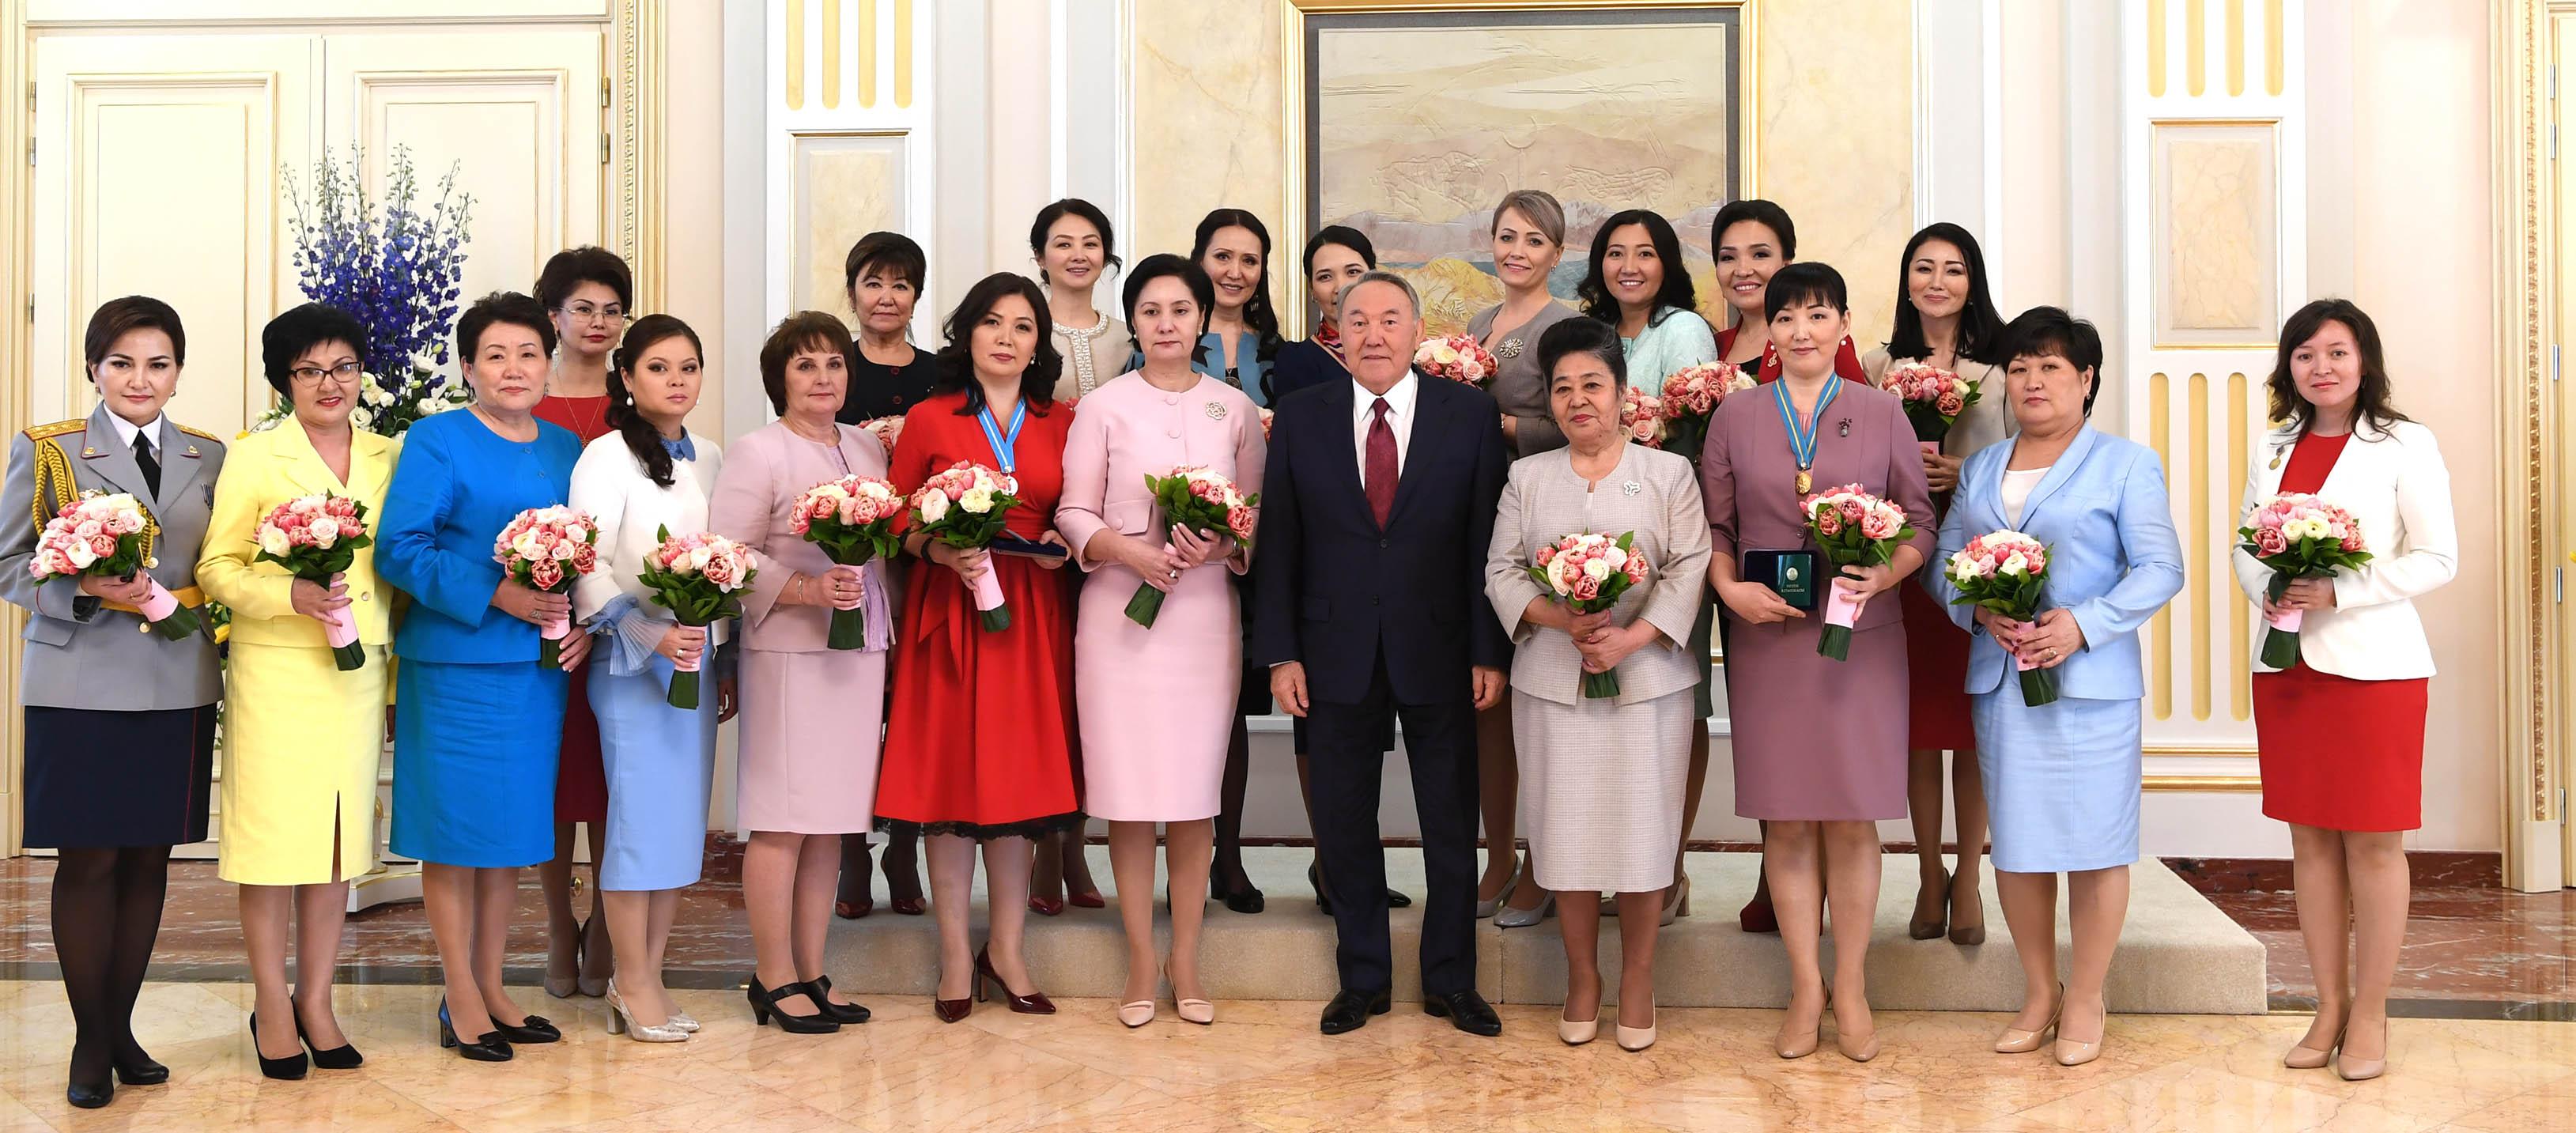 Назарбаев оказал особое внимание двум женщинам, участвовавшим в приеме в резиденции